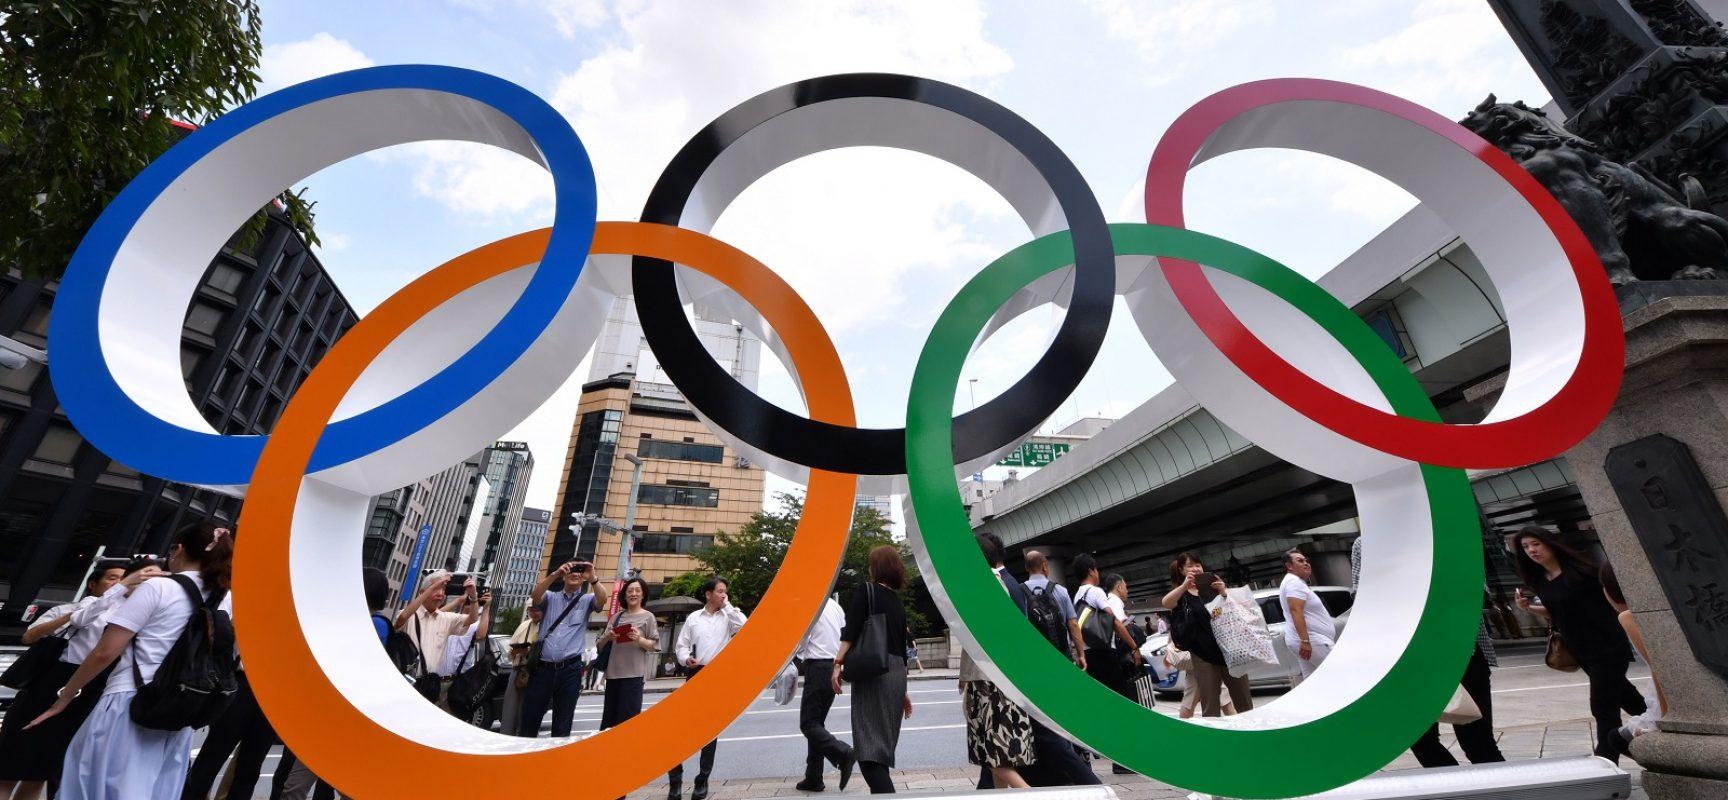 Επίσημη αναβολή για το 2021 των Ολυμπιακών Αγώνων του Τόκιο